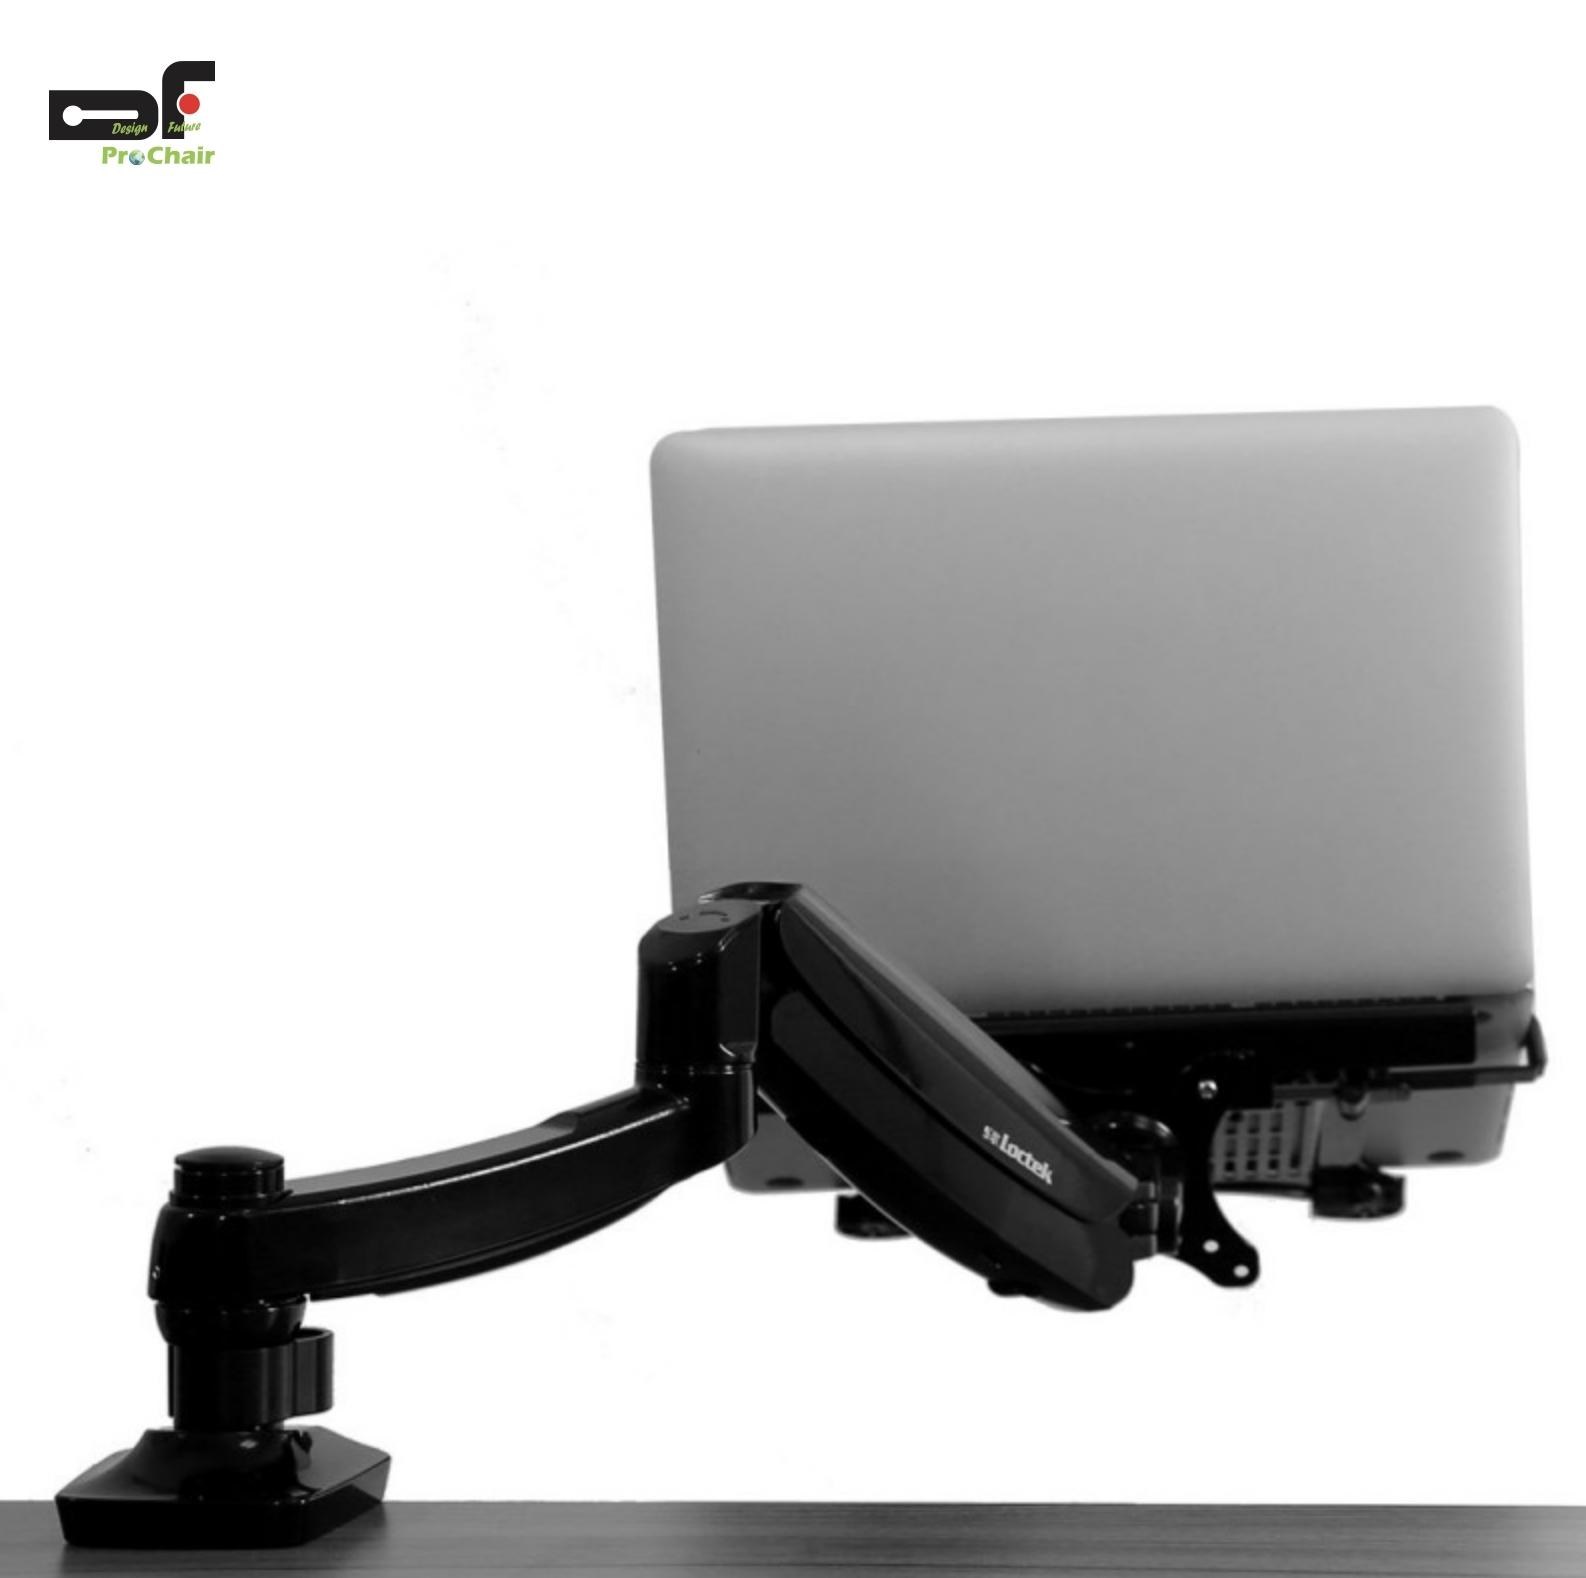 ที่ยึดจอคอมพิวเตอร์ DLB504 with PC Monitor